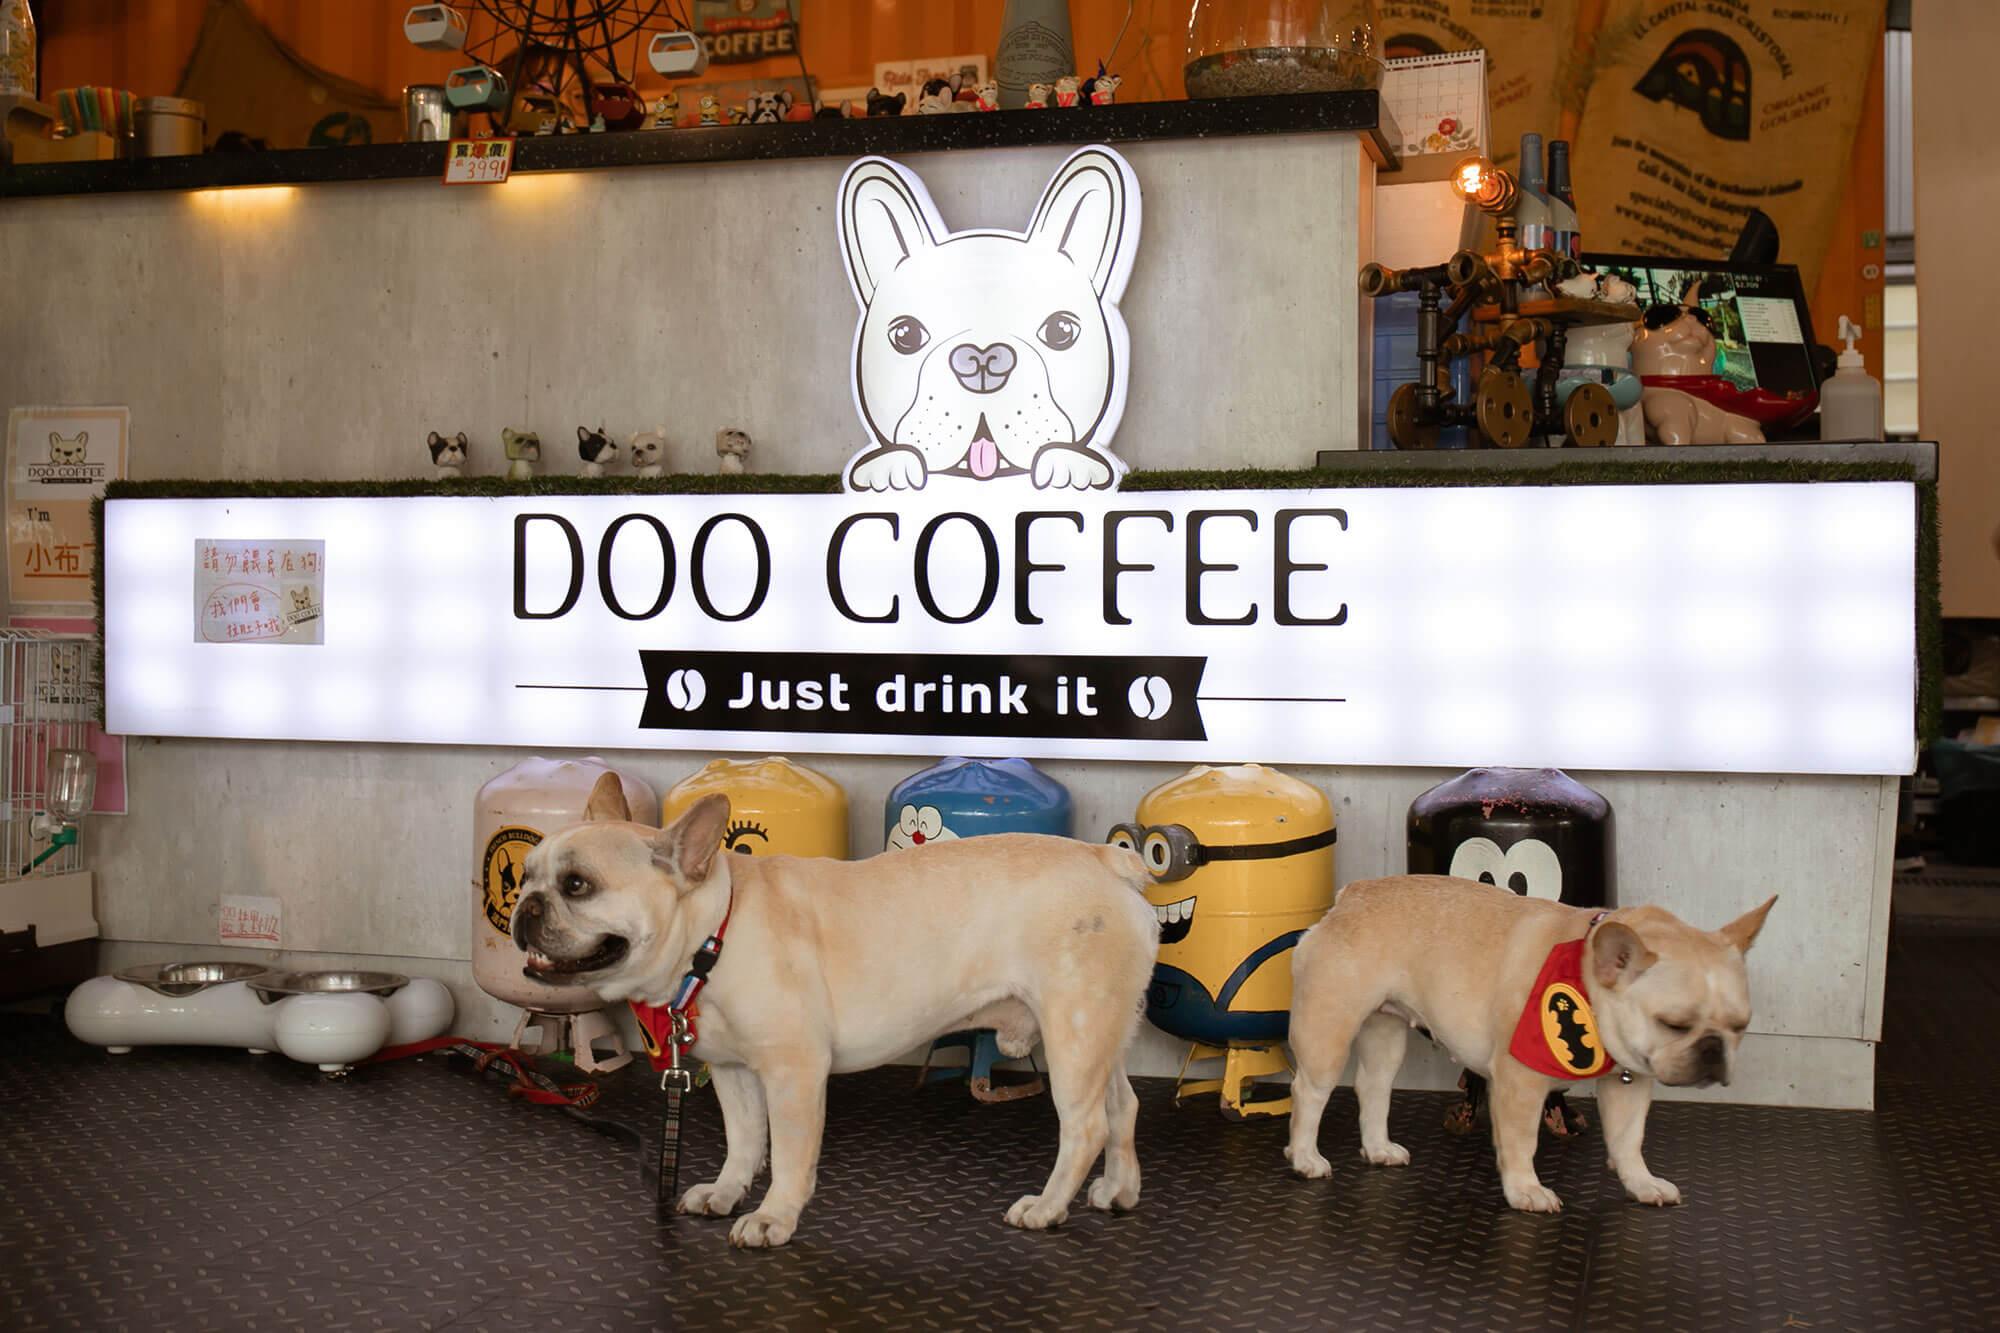 dog coffee_櫃檯法鬥